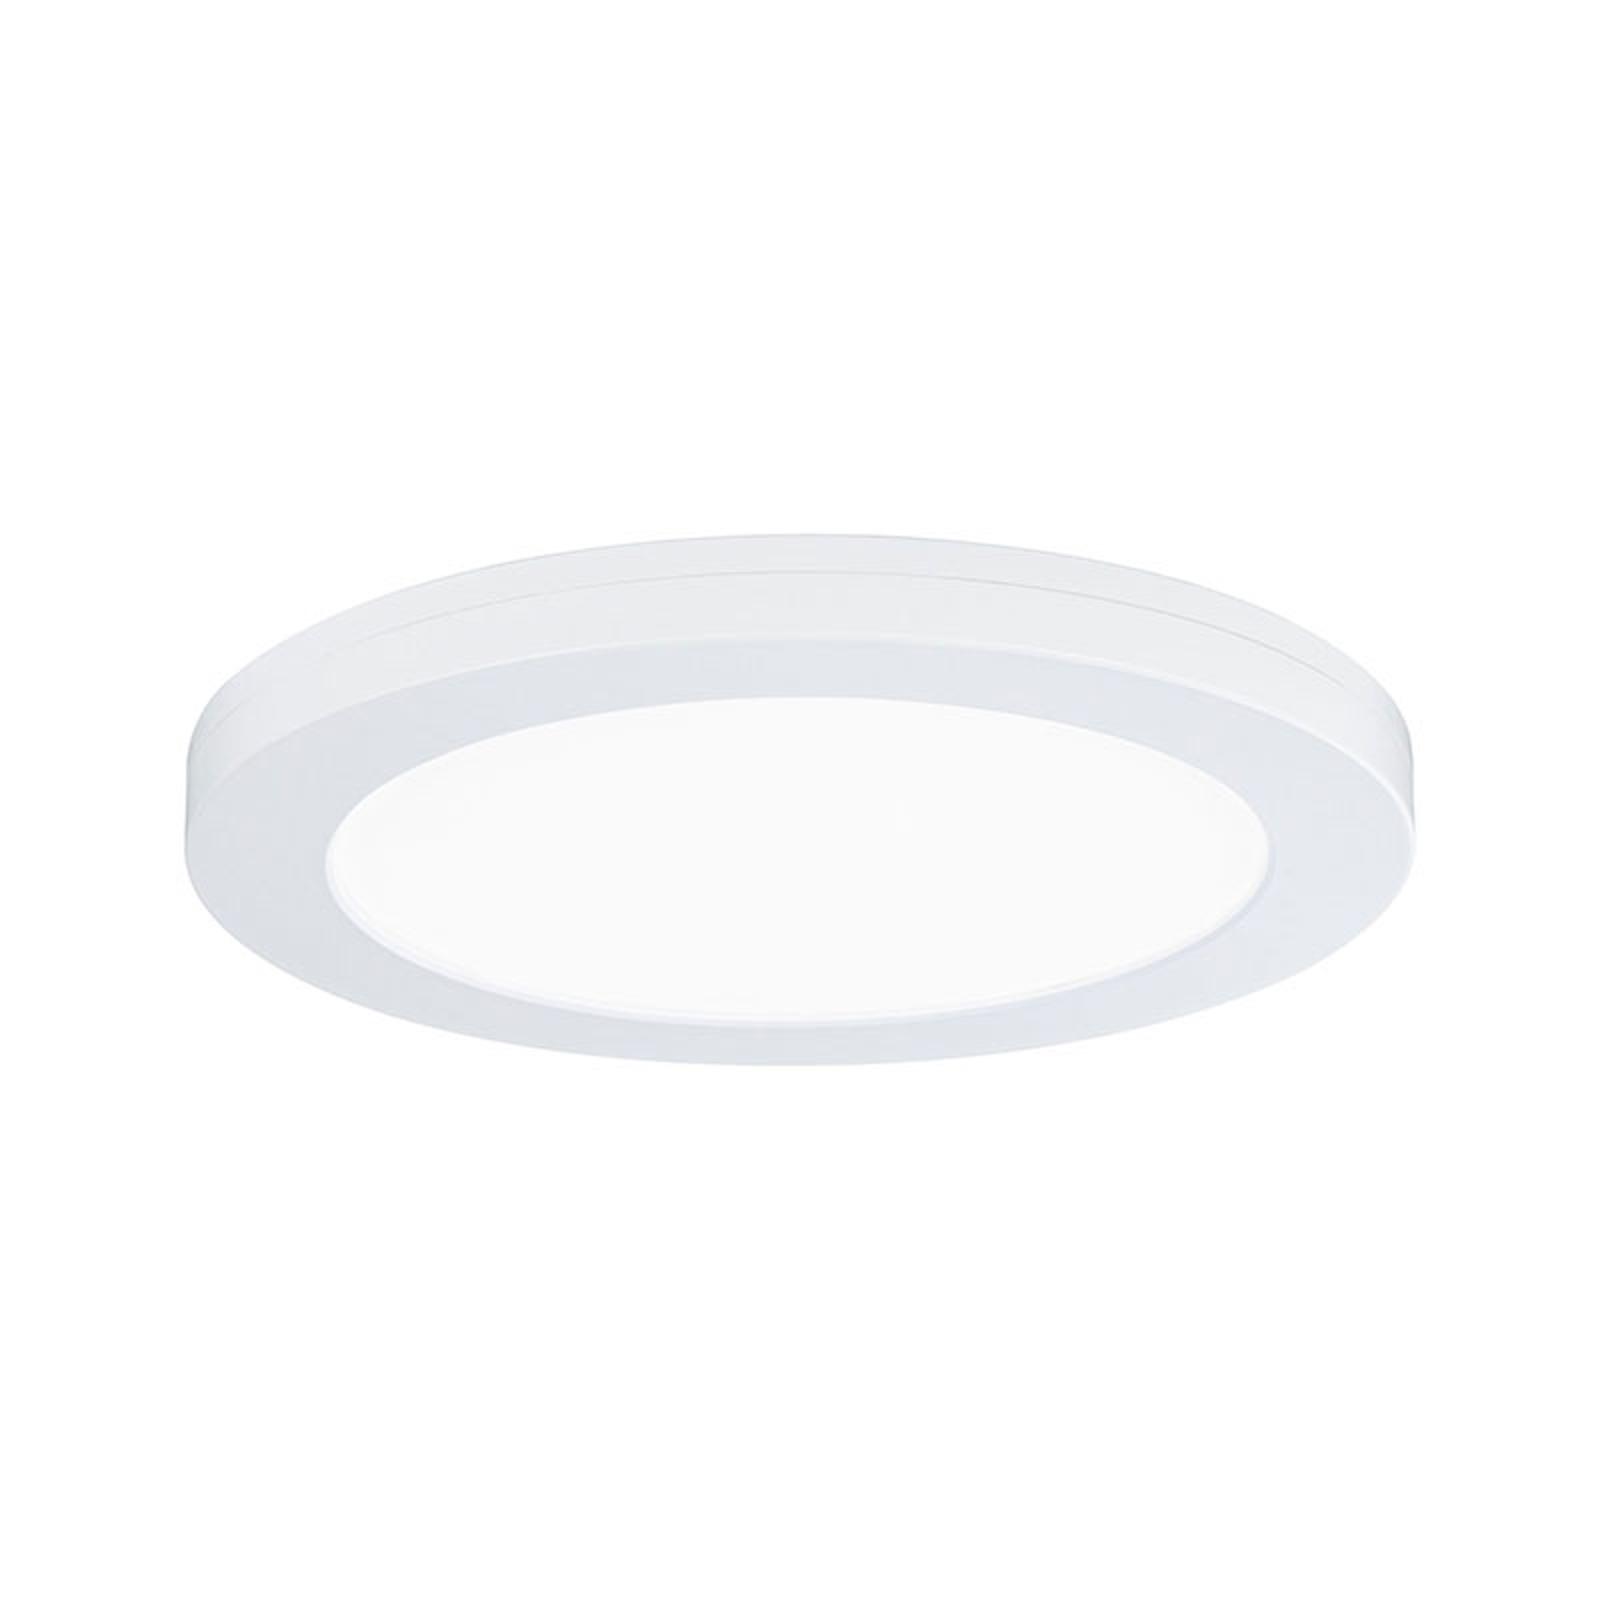 Paulmann Cover it LED-Einbaupanel m. Sensor 22,5cm